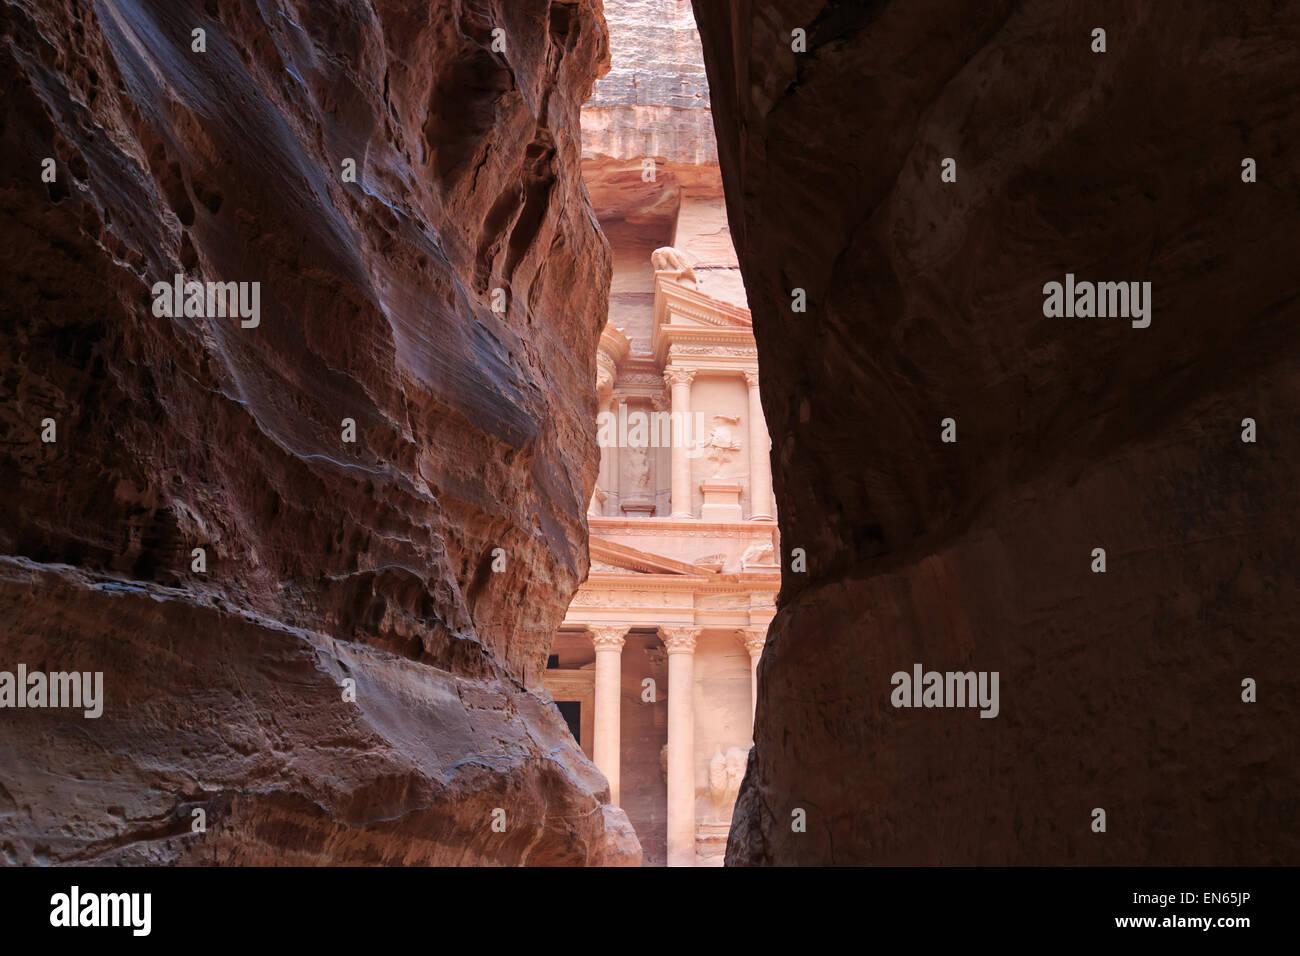 The Treasury,Al Khazneh, in Petra, Jordan - Stock Image